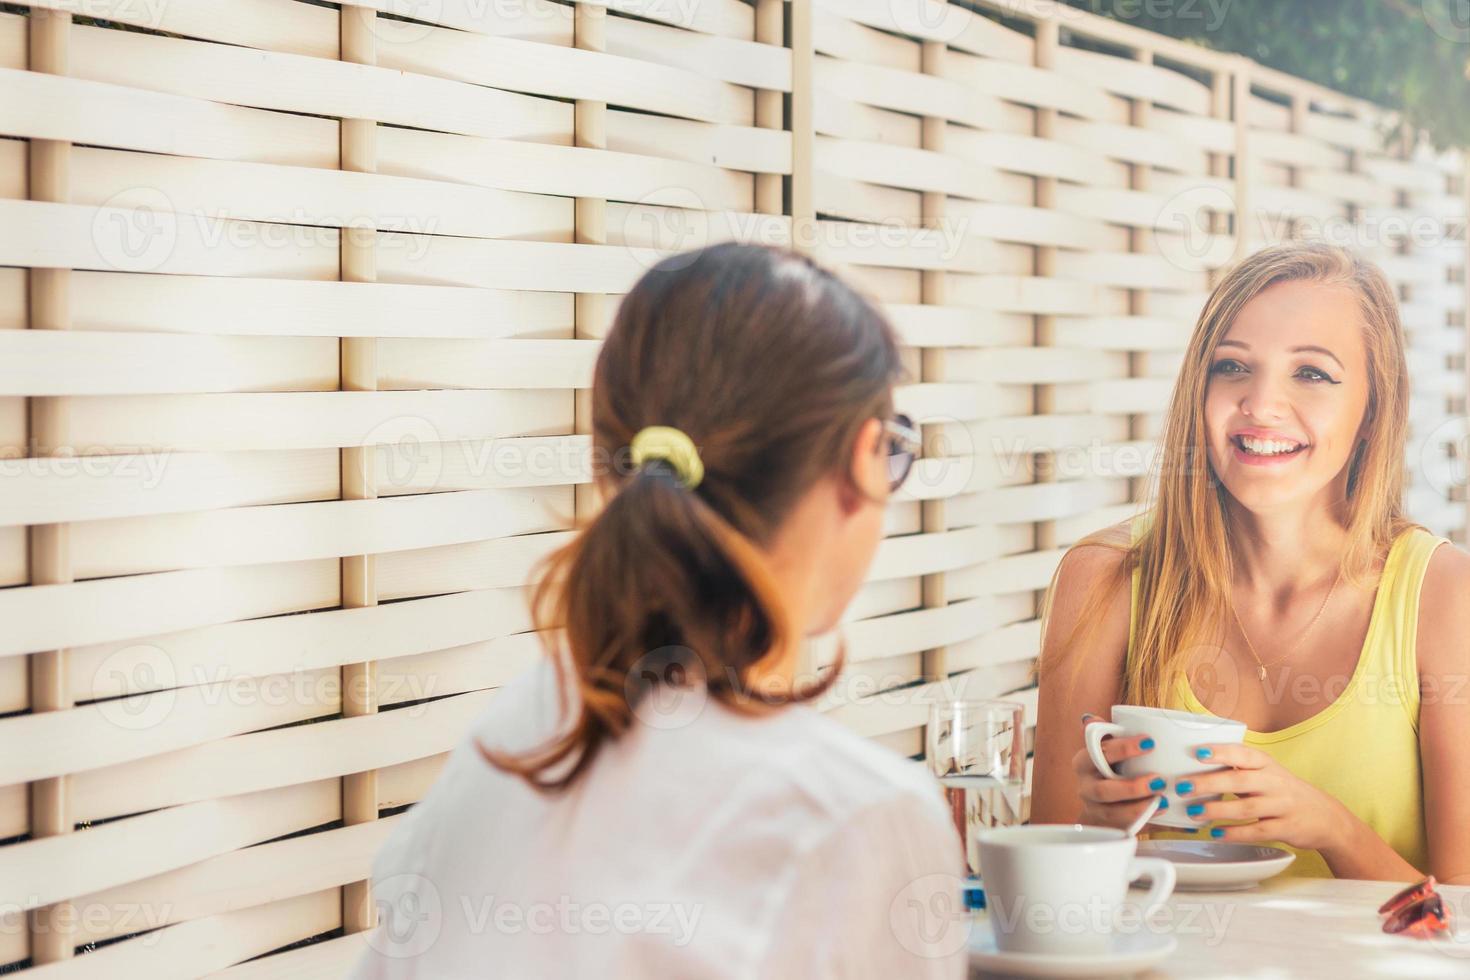 desfrutando no café com um amigo foto